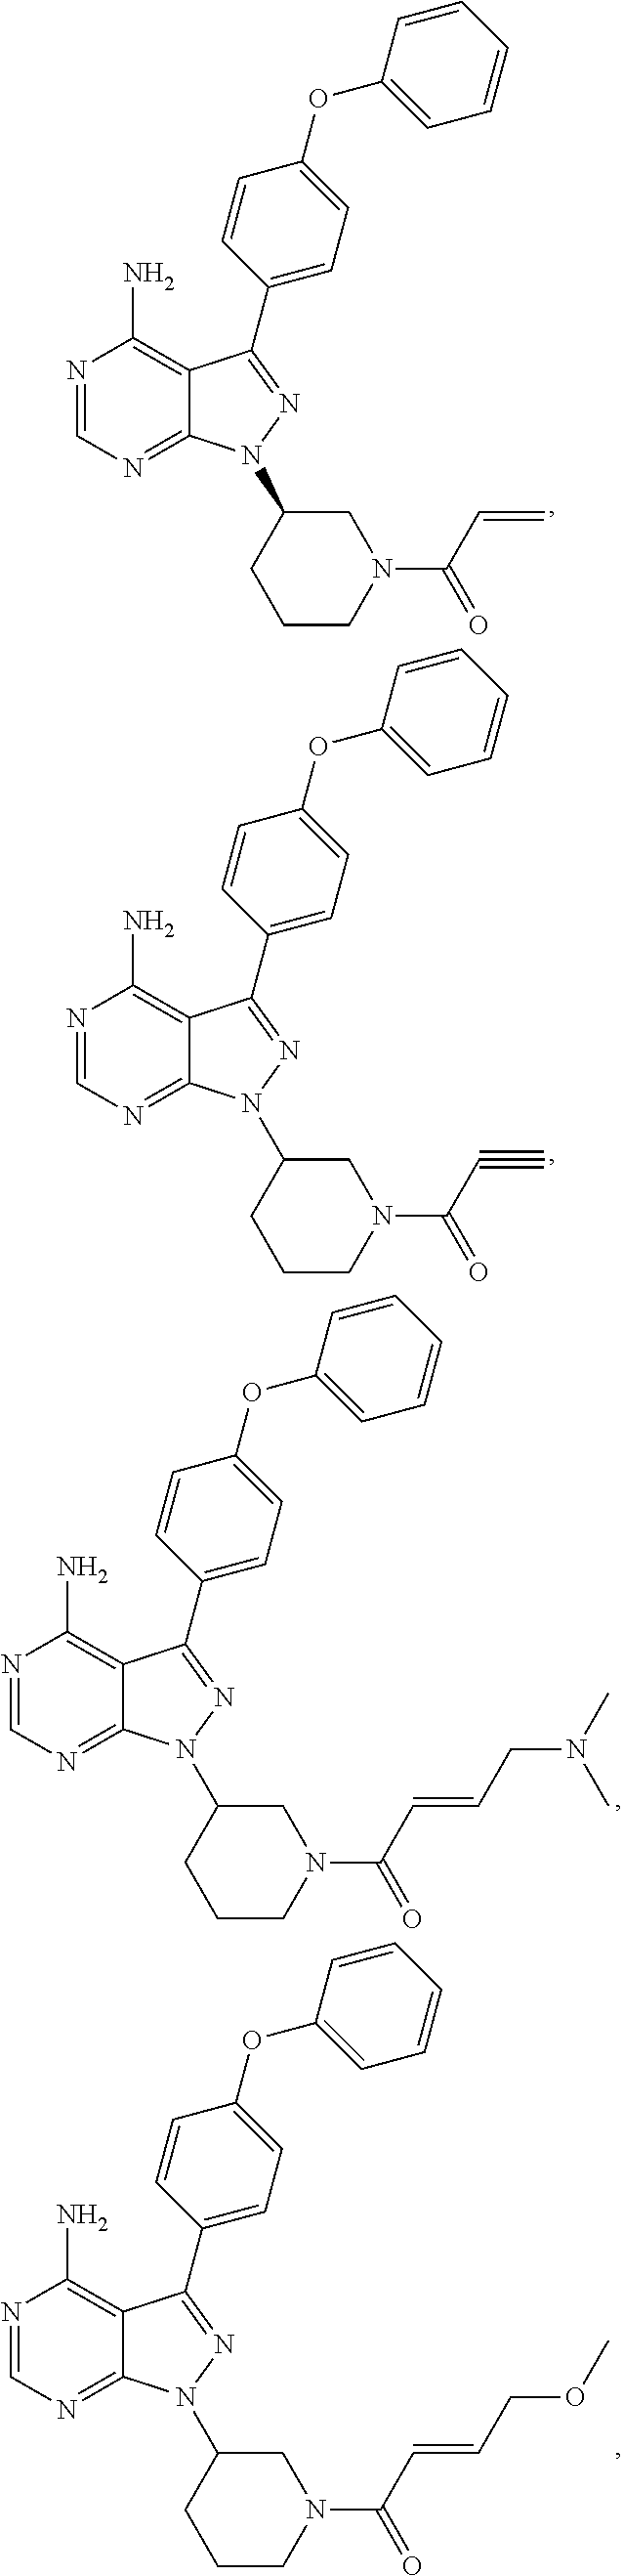 Figure US10004746-20180626-C00030